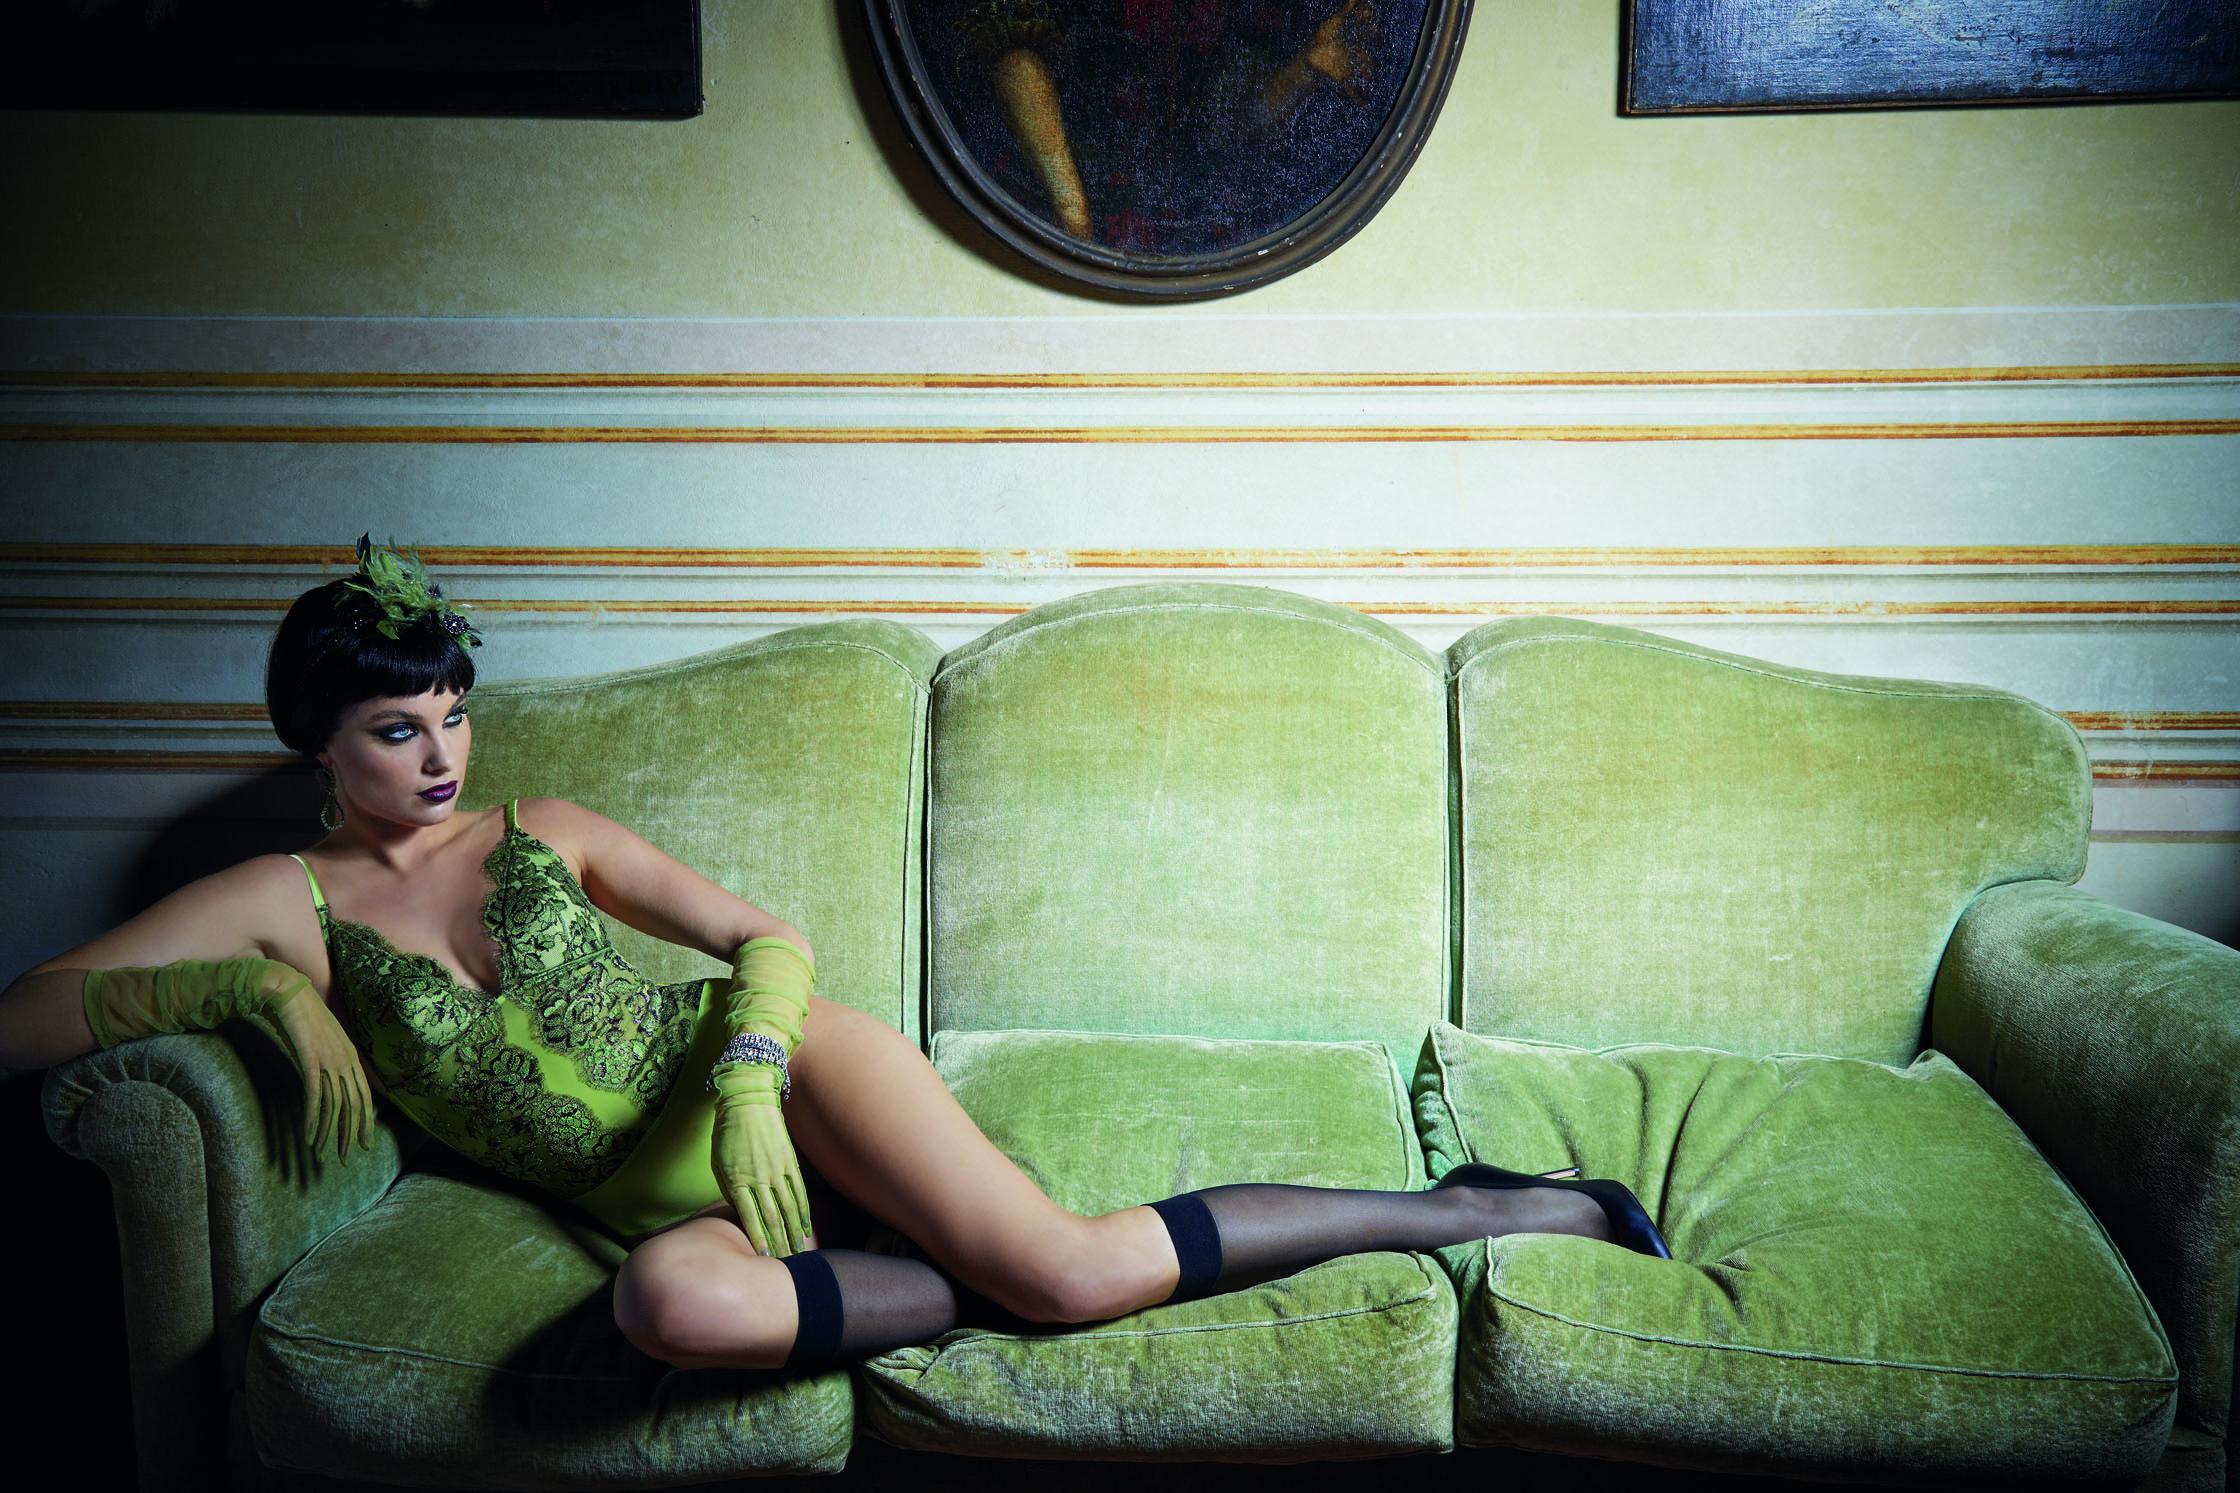 Valery_Prestige_glamour_body_verde